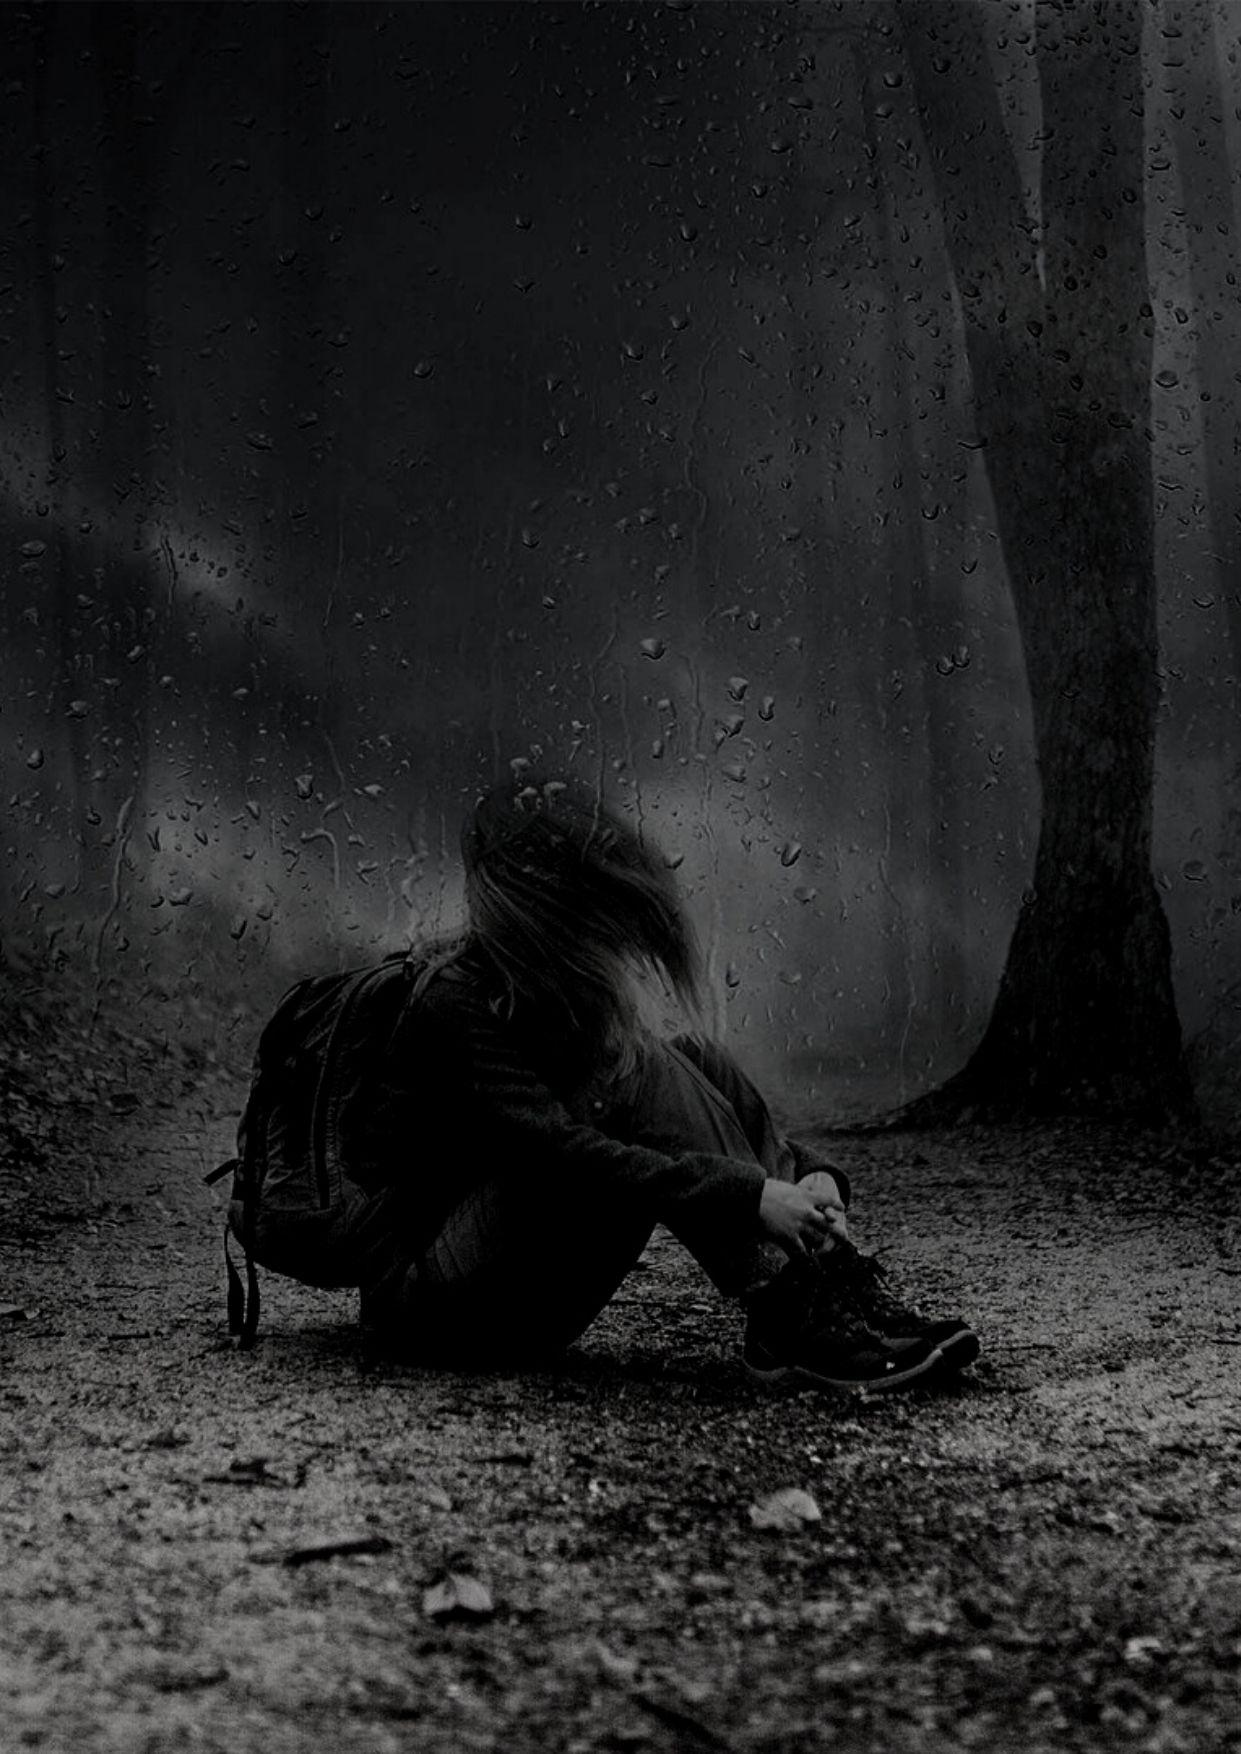 صور حزينة جدا عن الفراق 11